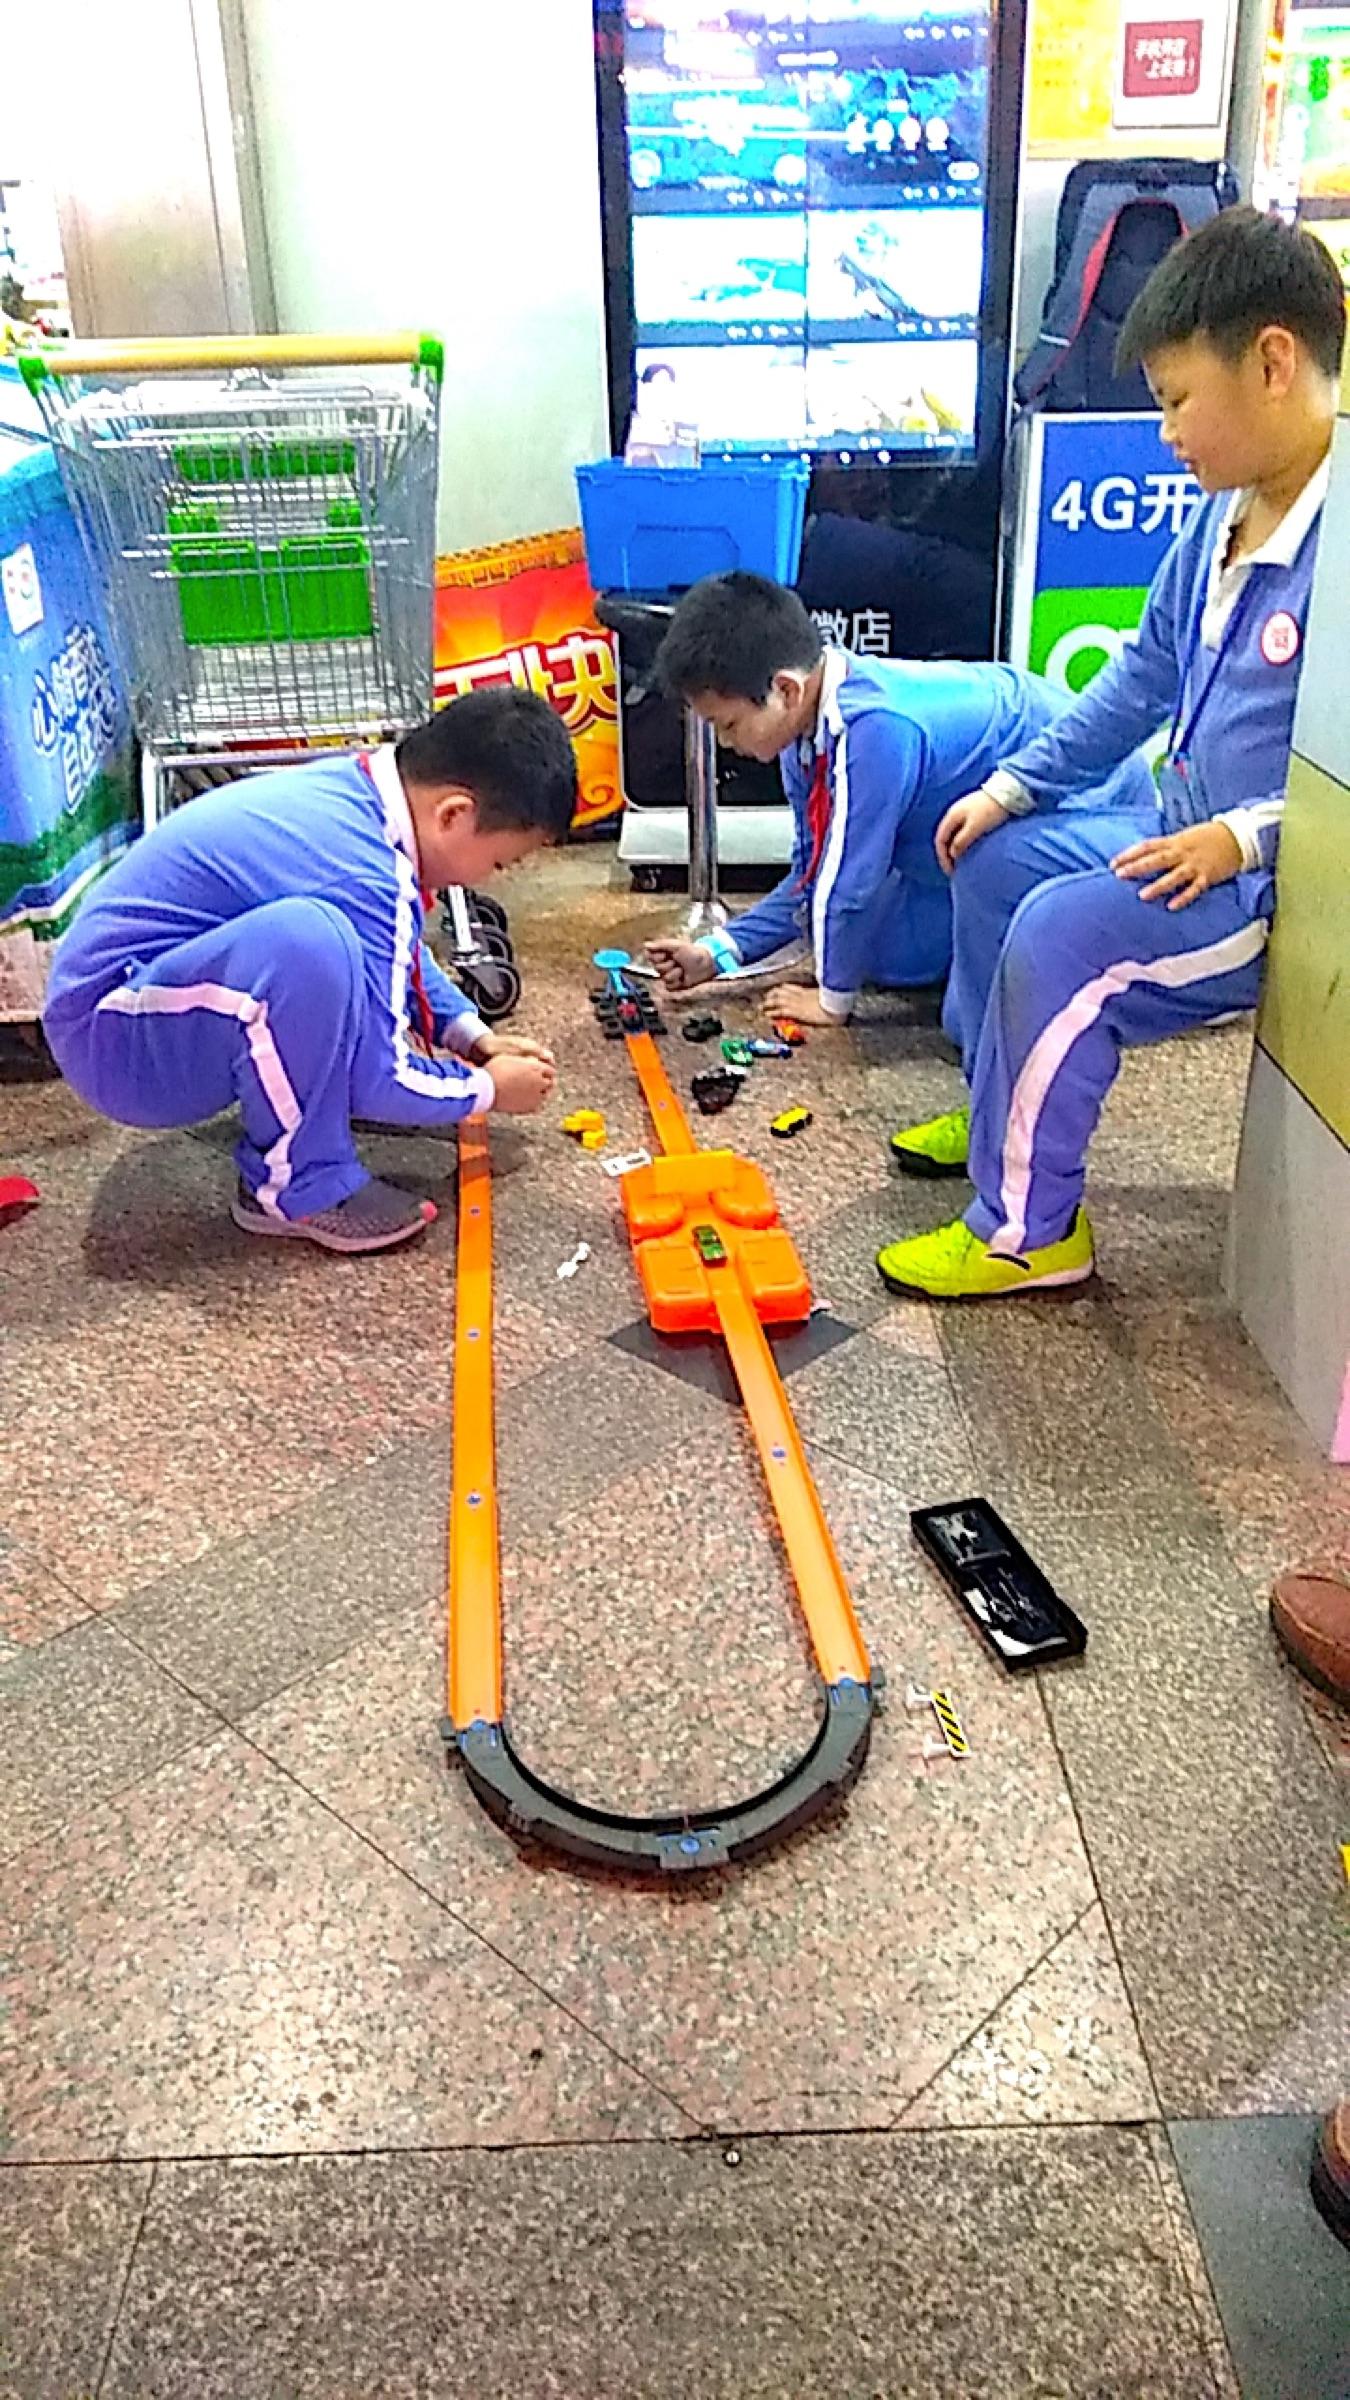 中国 深セン 福田の裏通り 子どもたちがミニカーで遊ぶ Shenzhen Futian DOWN TOWN_[0]